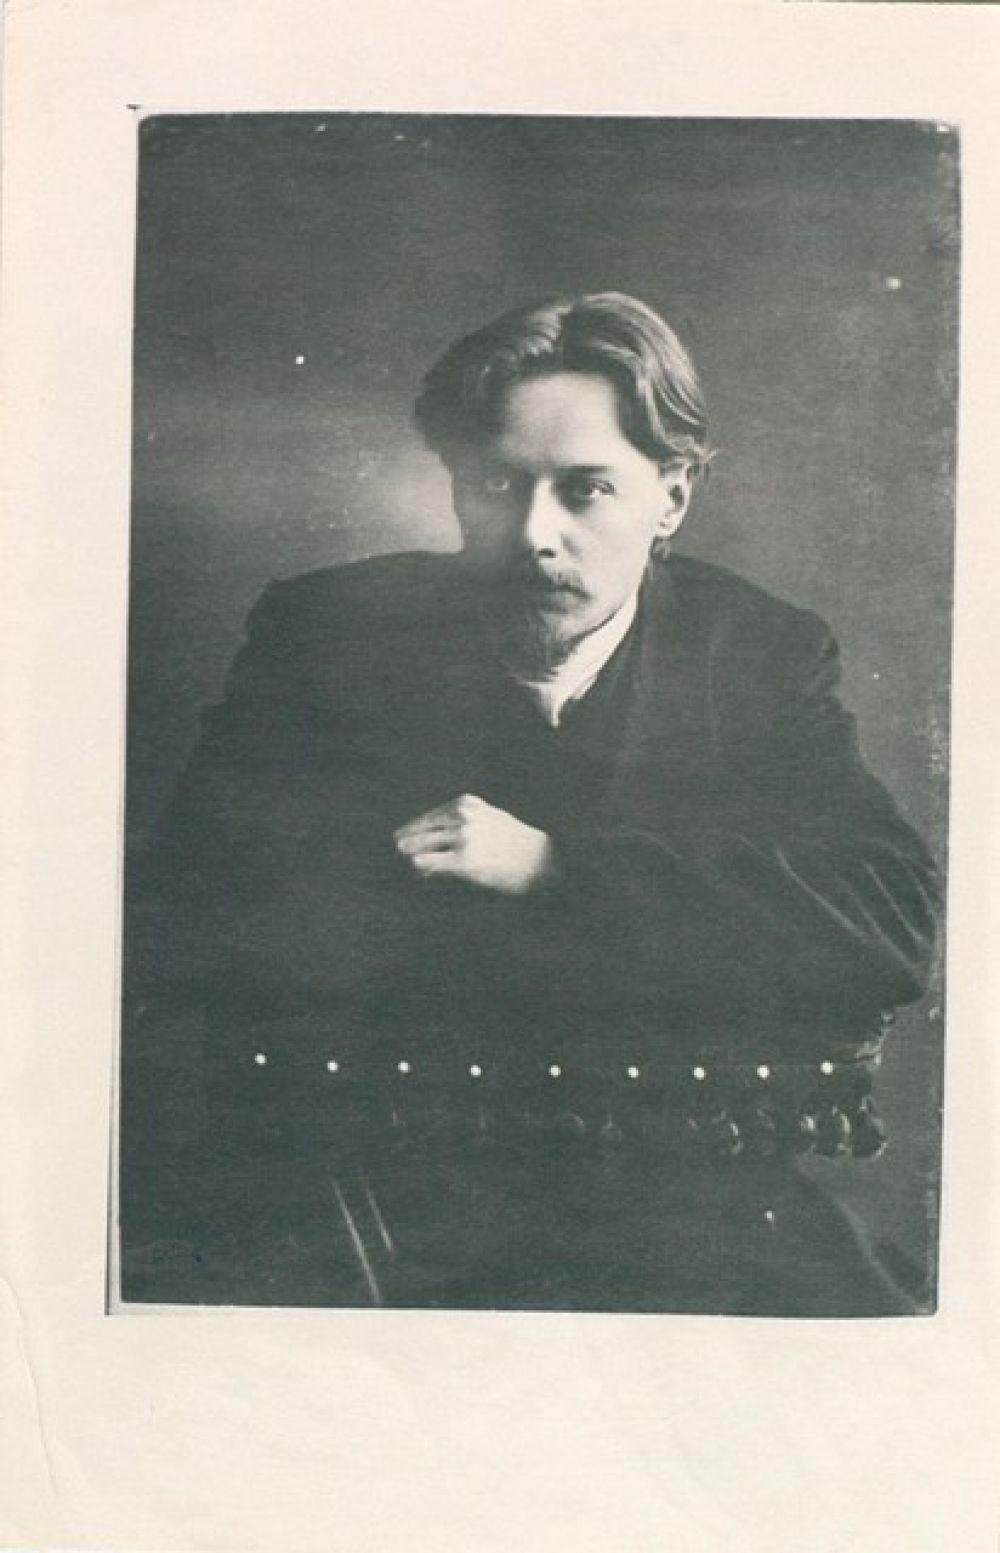 Сергей Гассар также принимал участие и в Гражданской войне. Большевик погиб в 1918 году. В его честь названа одна из улиц в Казани в 1917 году.